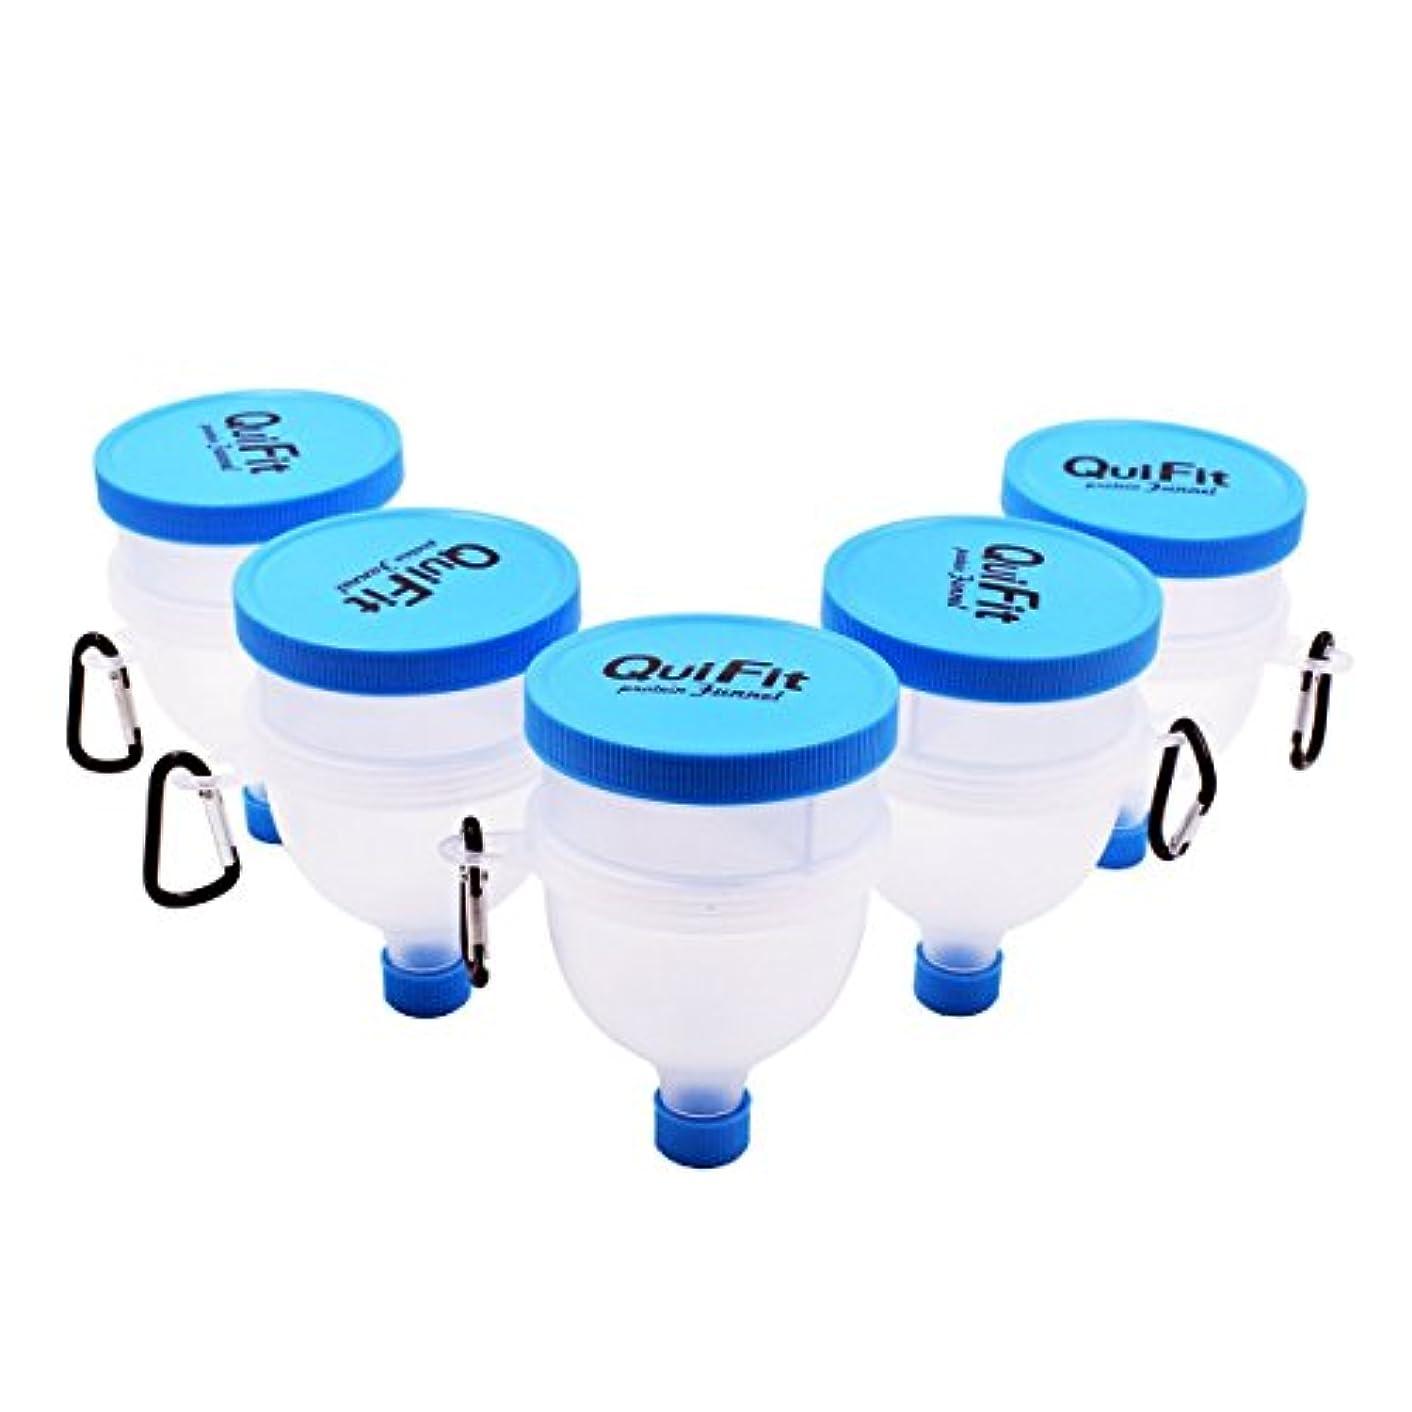 海上村特異性プロテインサプリメント携帯容器-QuiFit ファンネル 粉末サプリメント小分け携帯用漏斗-スカイブルー-BPAフリー (5)